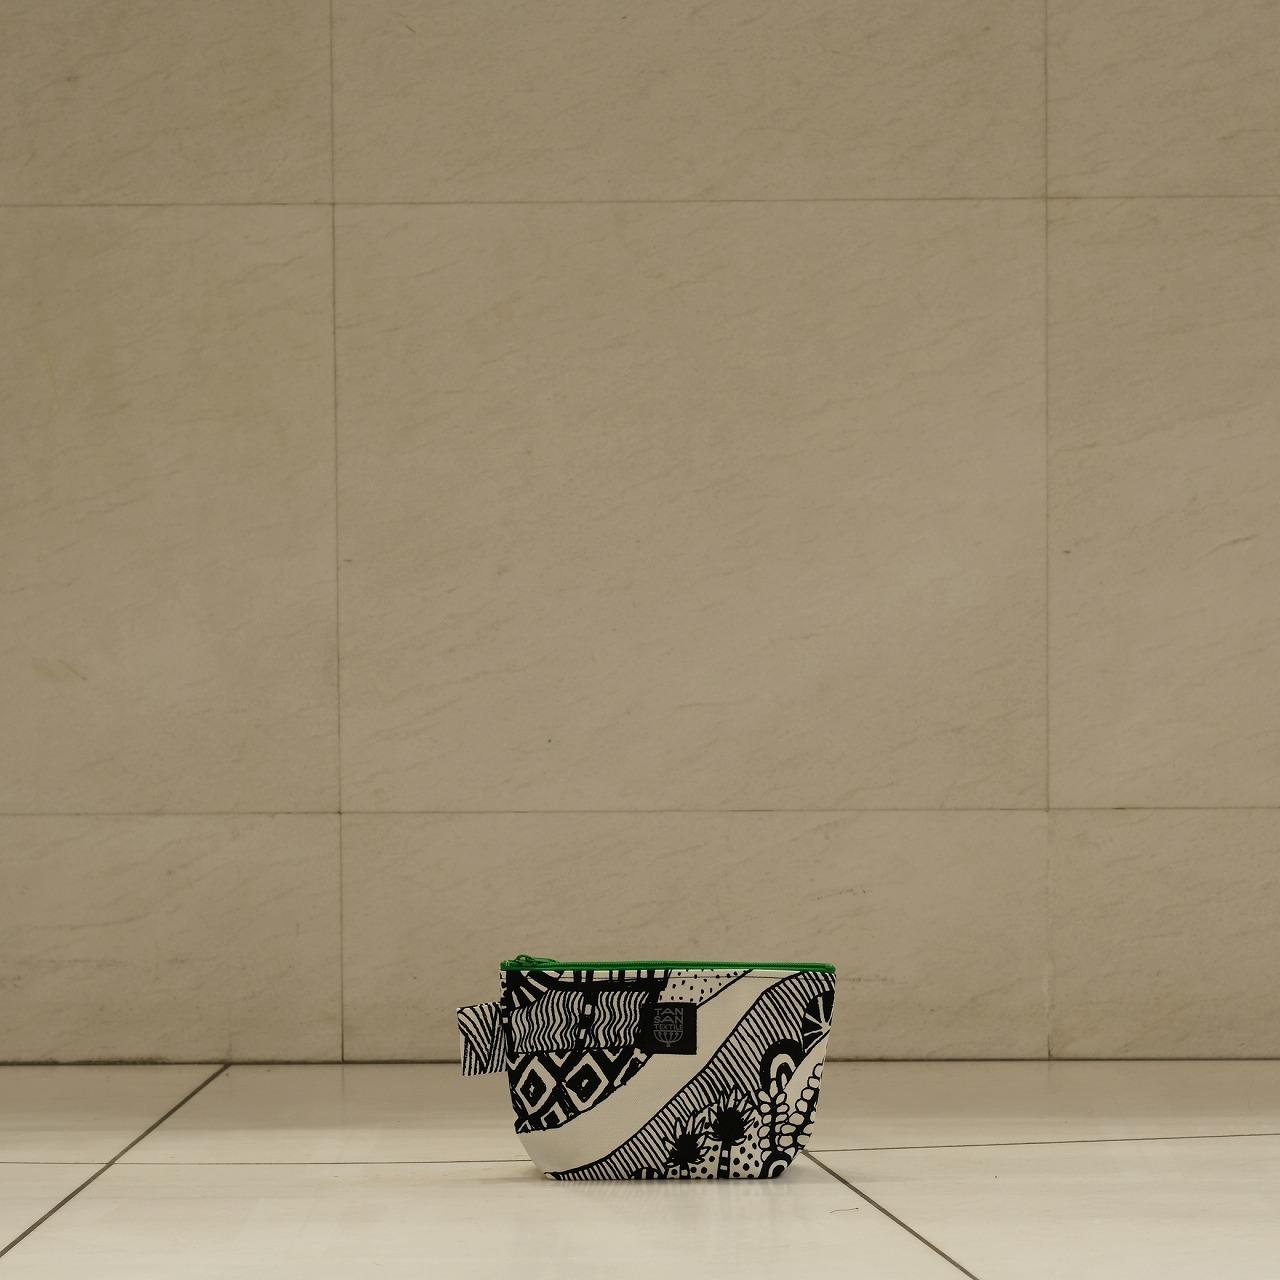 炭酸デザイン室 オンライン展示会 マチポーチM_d0182409_16505687.jpg